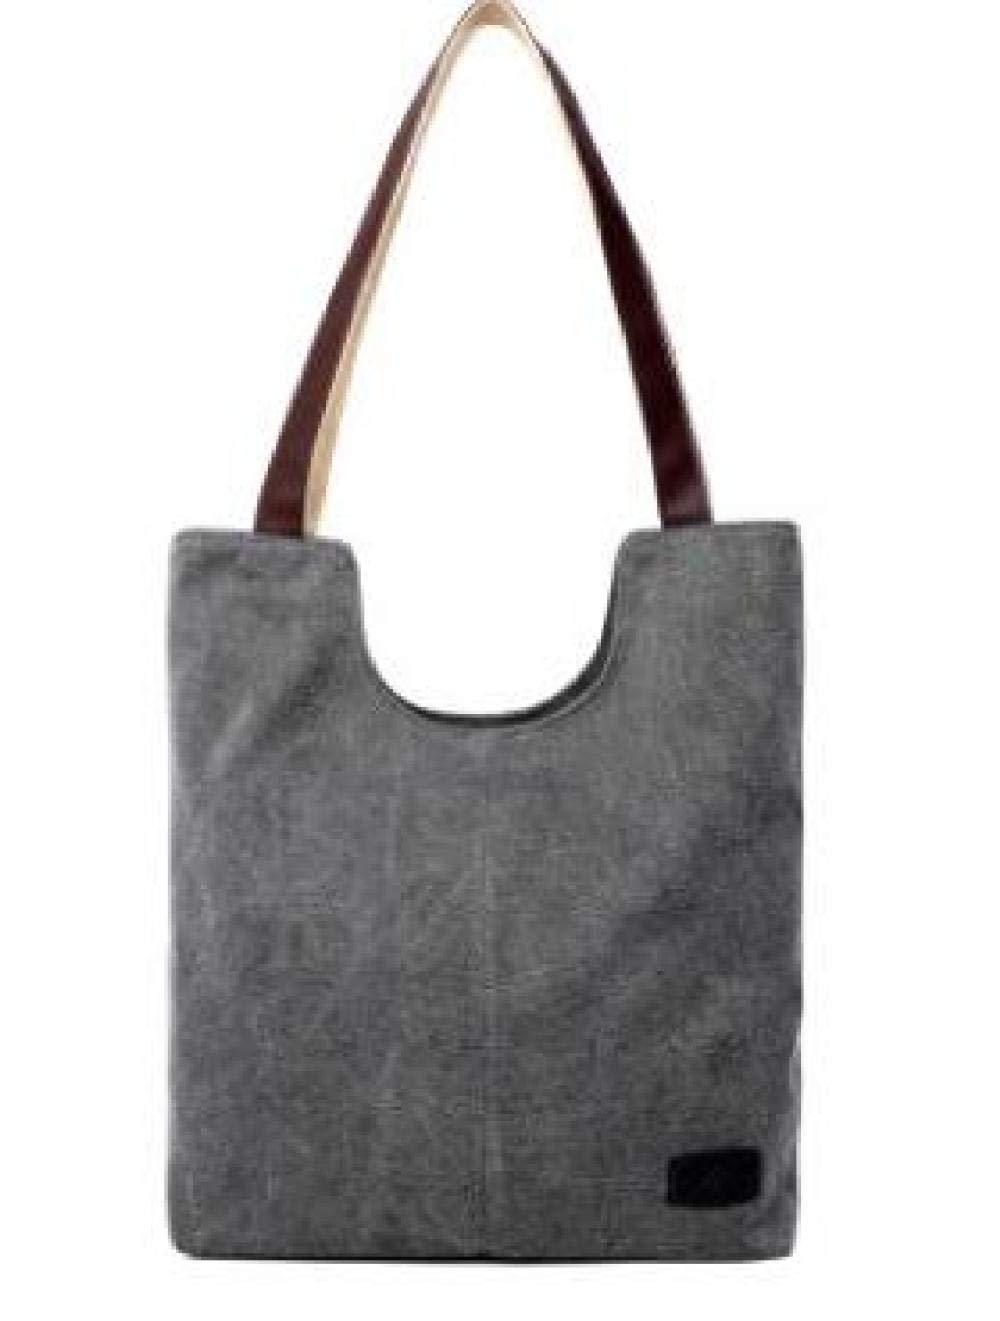 bagbagwh Frauen Handtaschen Schulter Handtasche Hochwertige Leinwand Umhängetasche Für Damen Handtaschen Berühmte Marken Big Bag deep blue